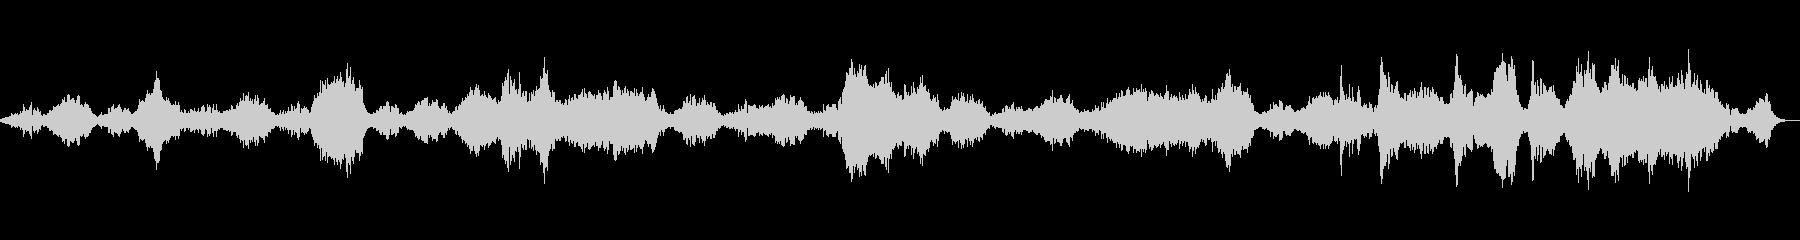 純粋・静かなアンビエントサウンドBGMの未再生の波形